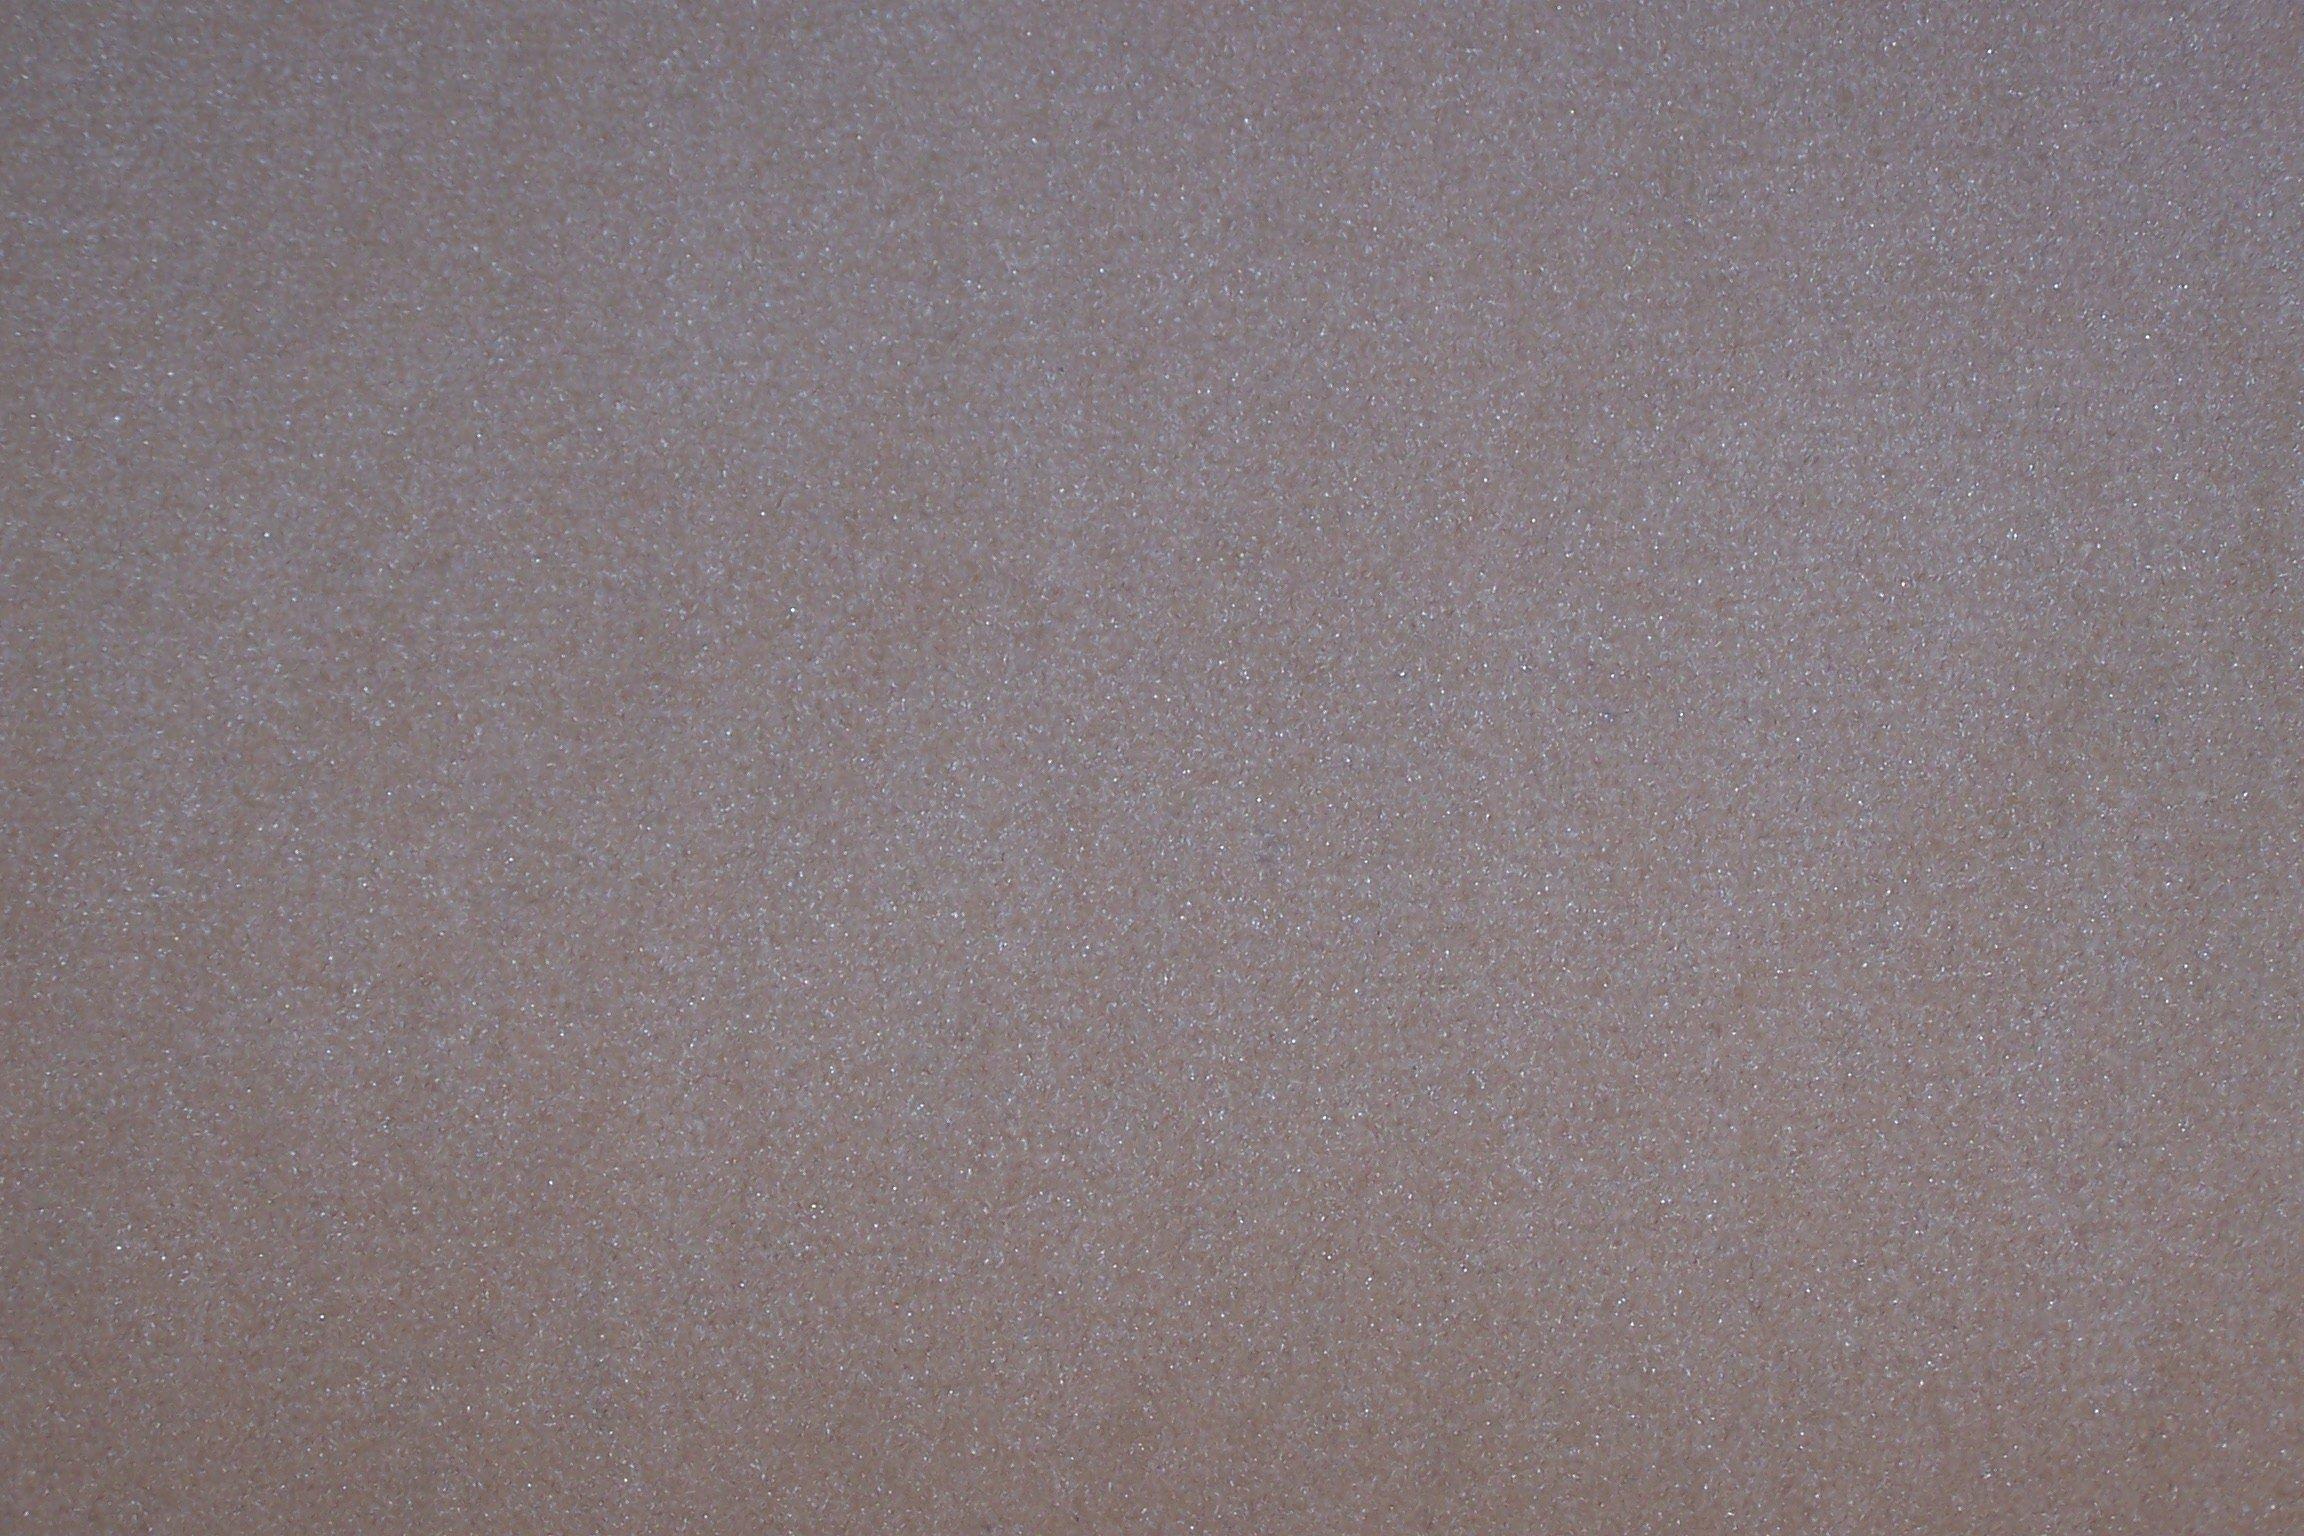 D – echantillons sols murs · f3 courcelles plessis robinson